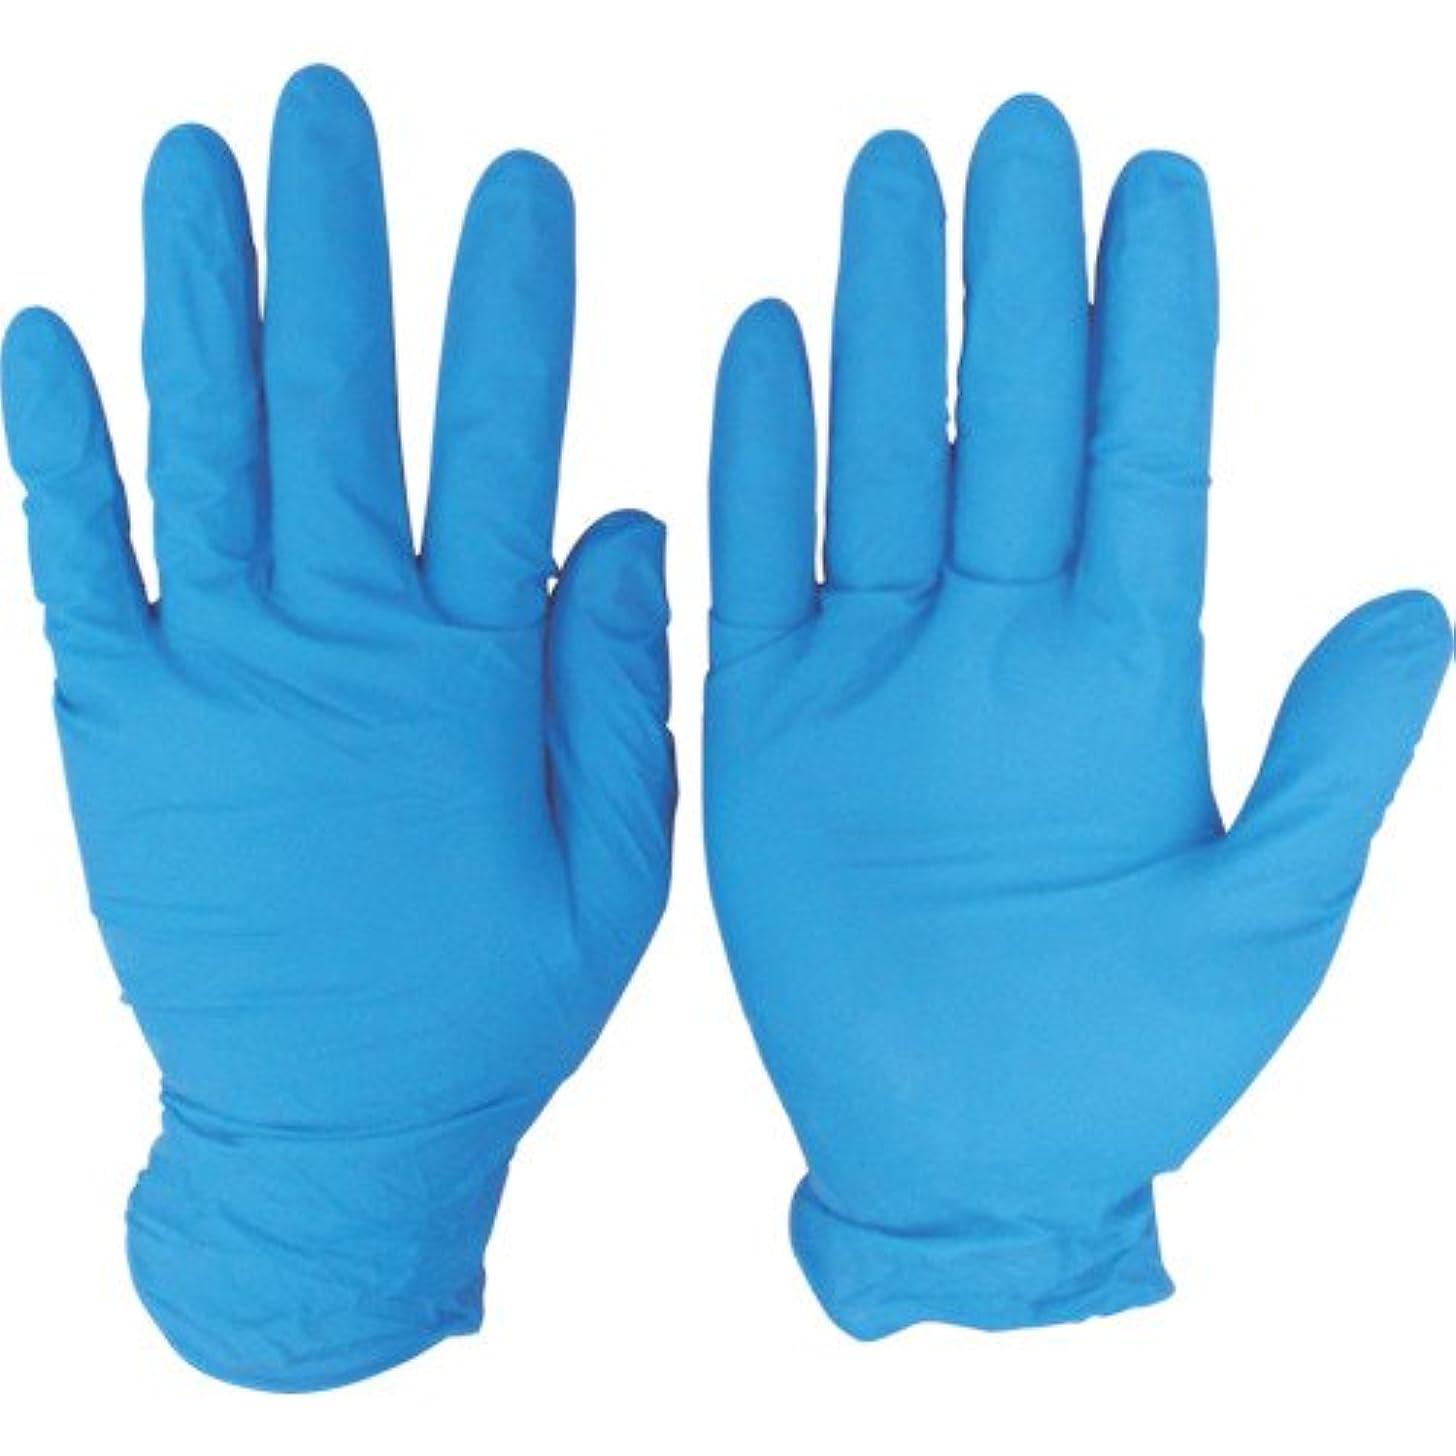 暴露するくしゃみ全員シンガー ニトリルディスポ手袋No810ブルー粉無 Mサイズ (100枚入)